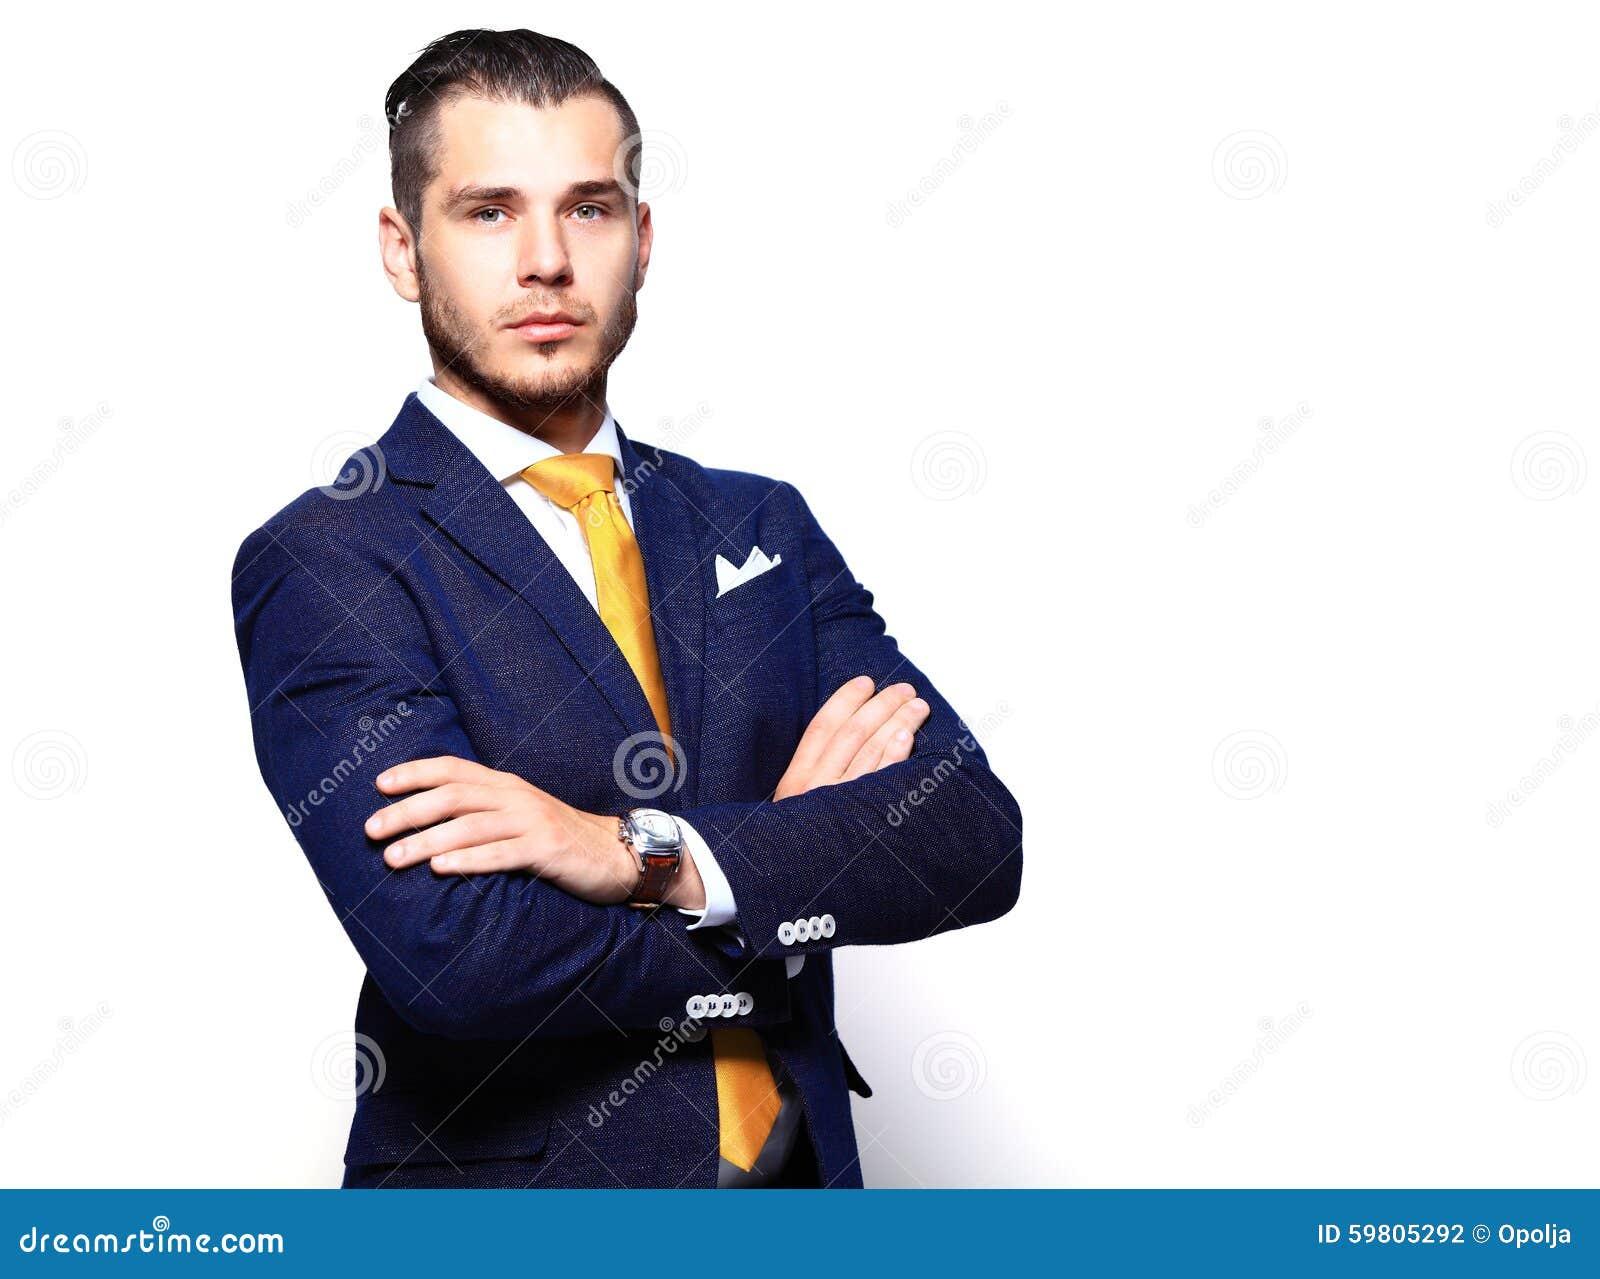 Πορτρέτο του ευτυχούς χαμογελώντας νέου επιχειρηματία, που απομονώνεται στο λευκό